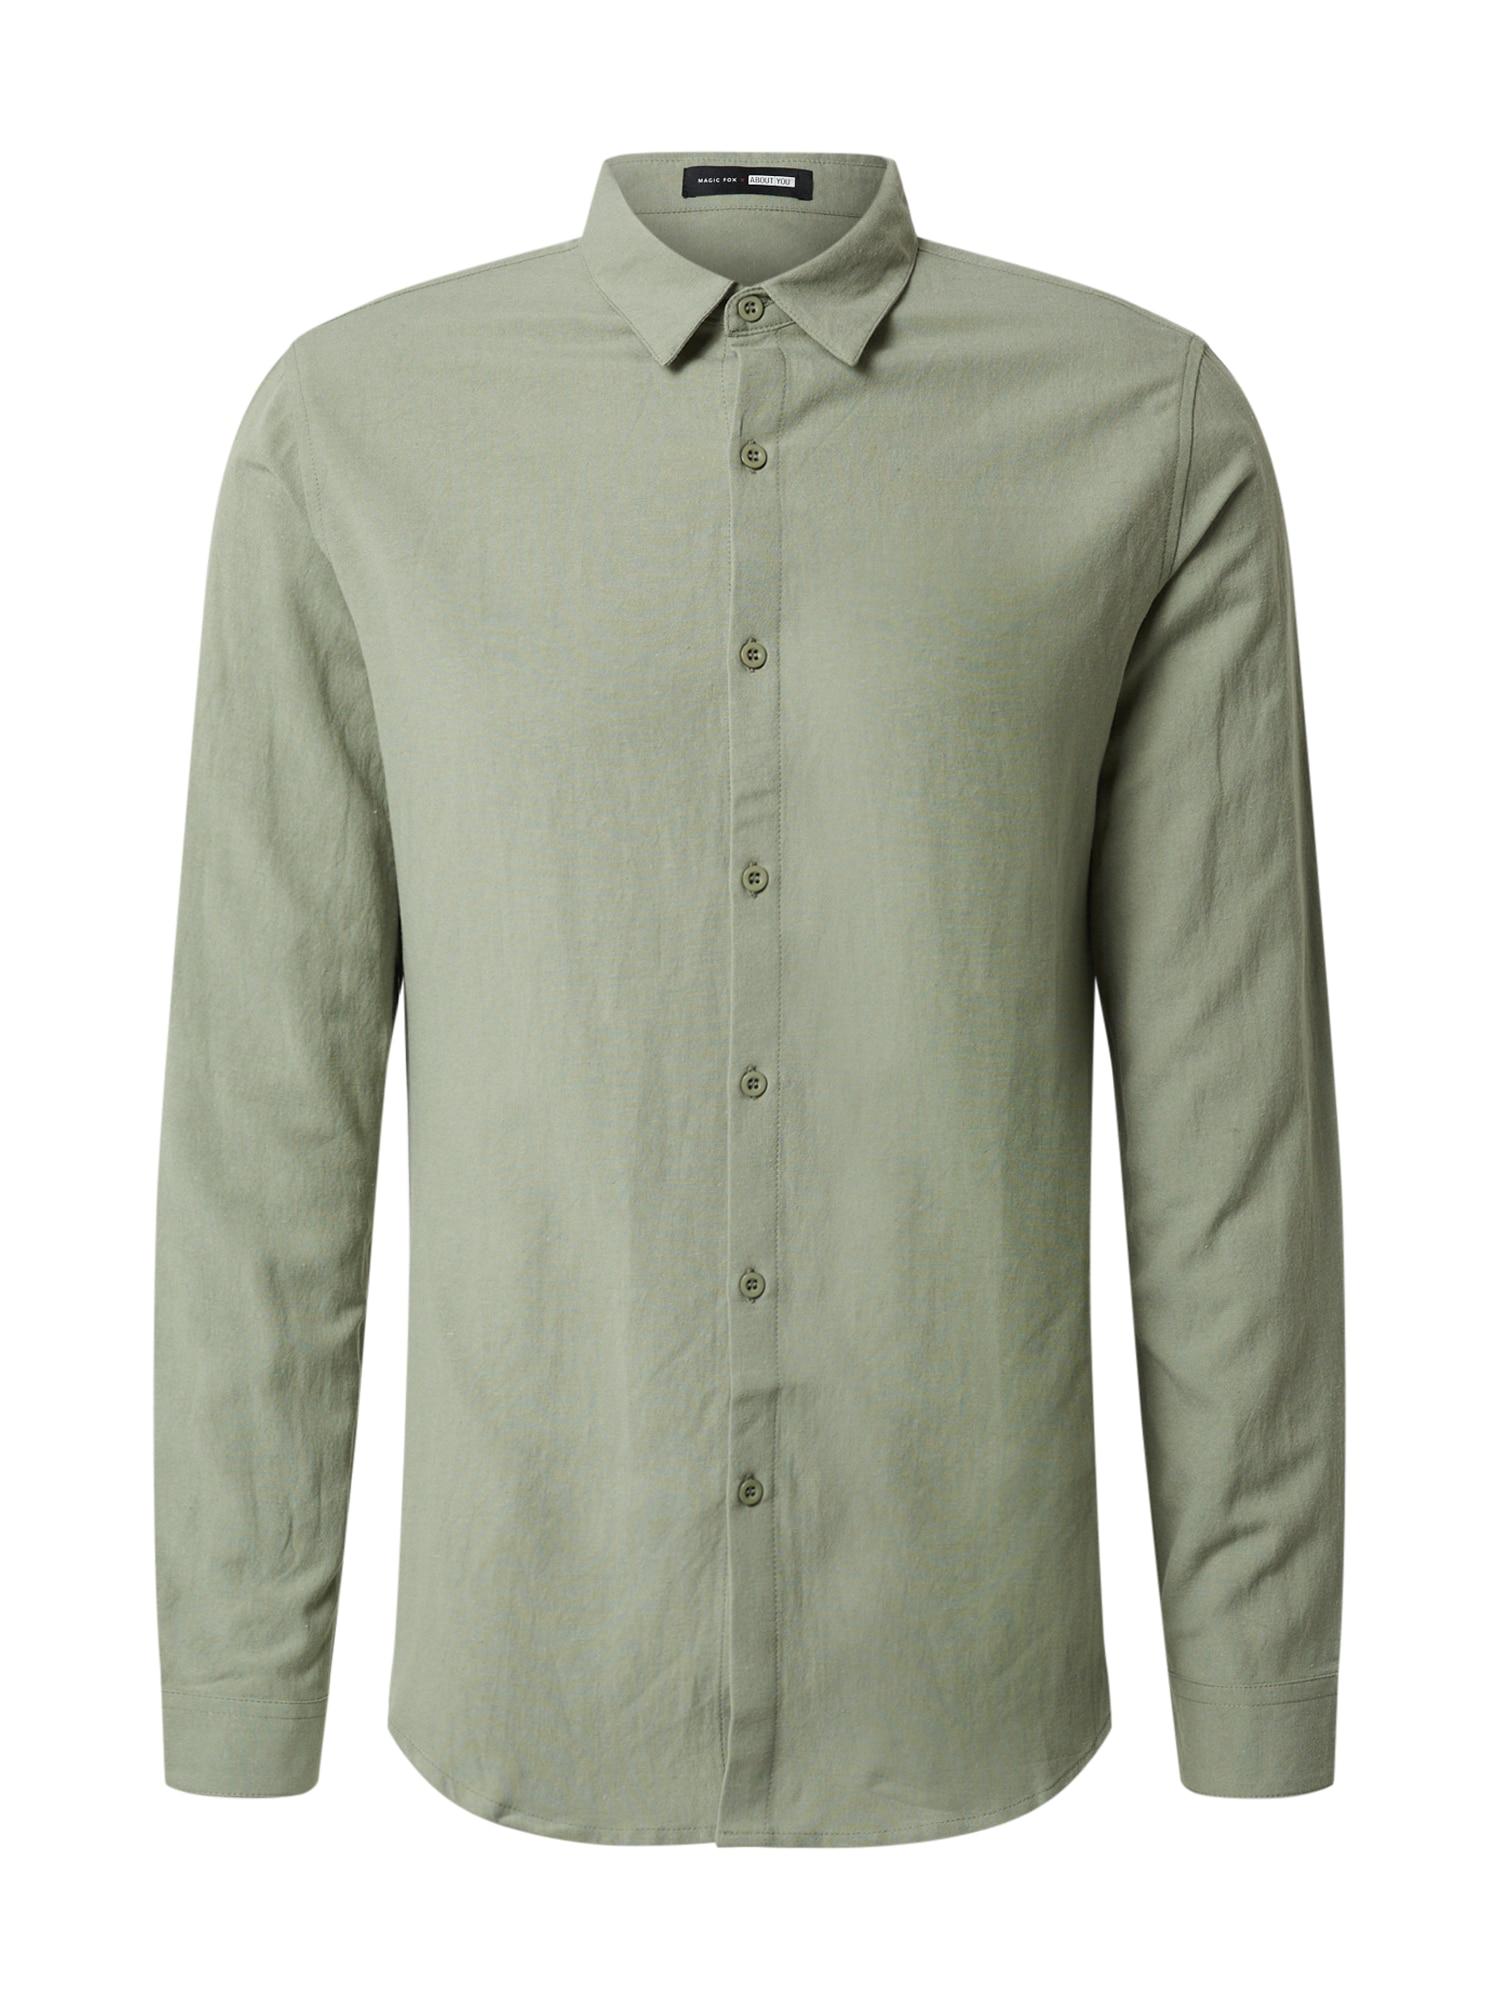 DAN FOX APPAREL Marškiniai